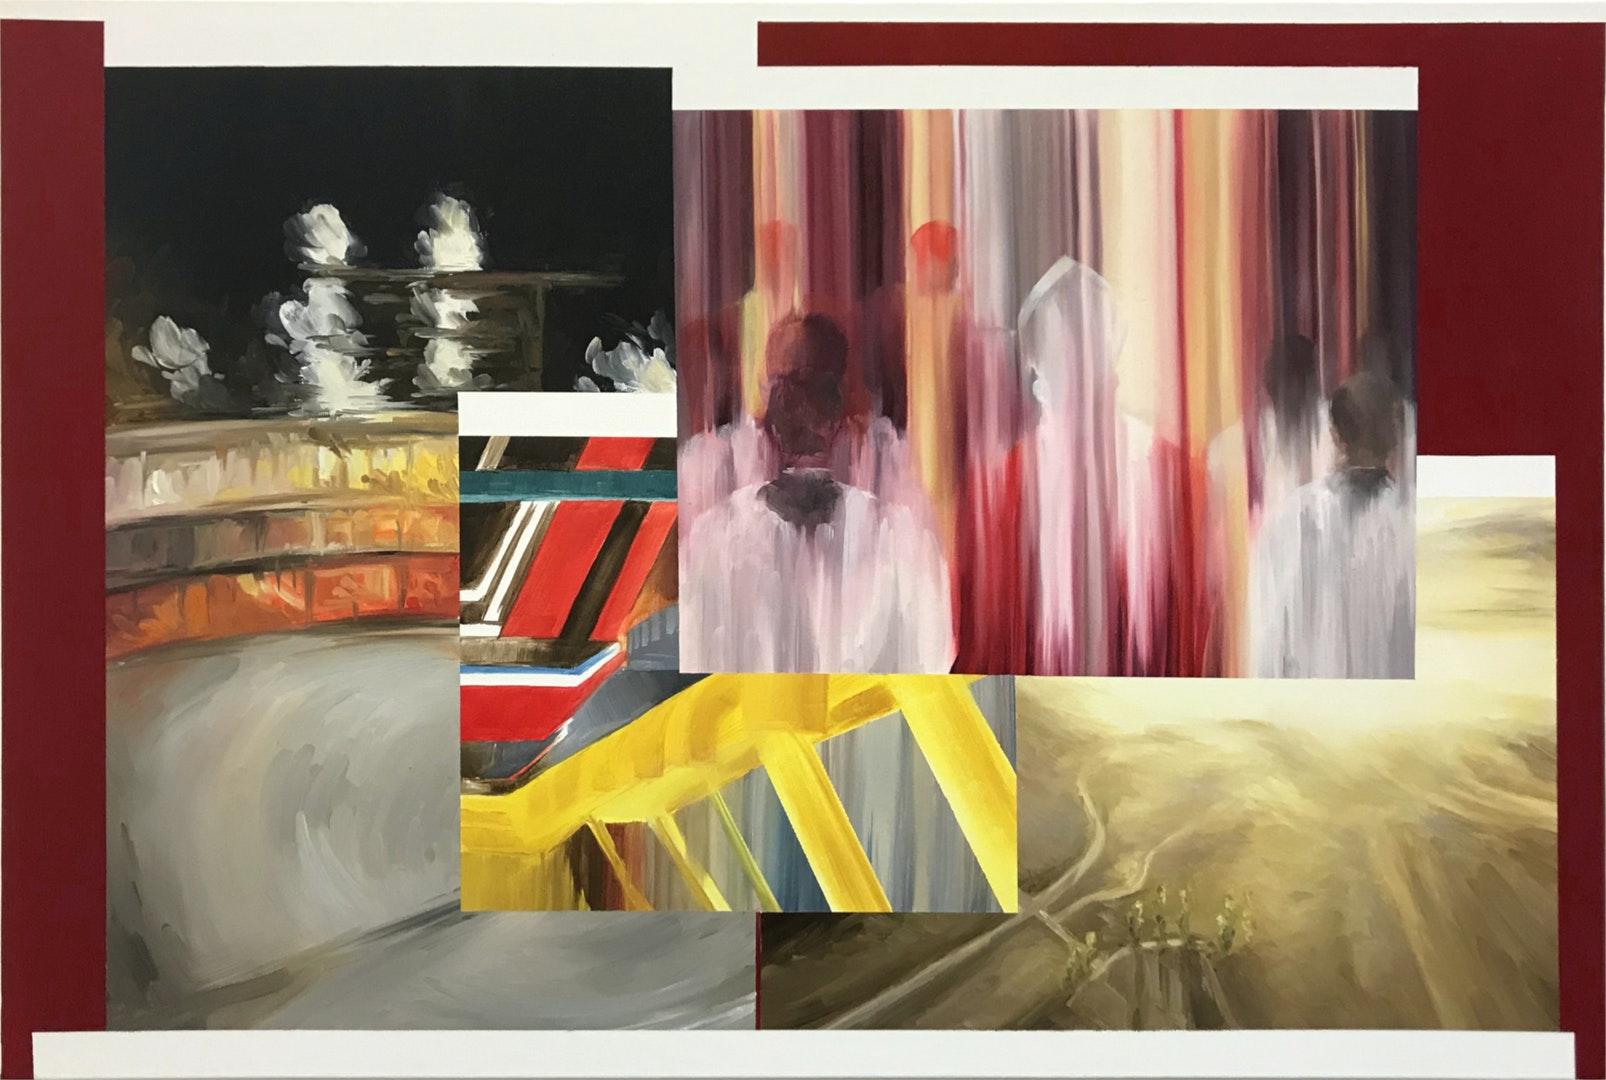 Sebastian Elborn  Pilgrimage to Silicon Valley  Oil on canvas, 60 x 90 x 1.8 cm